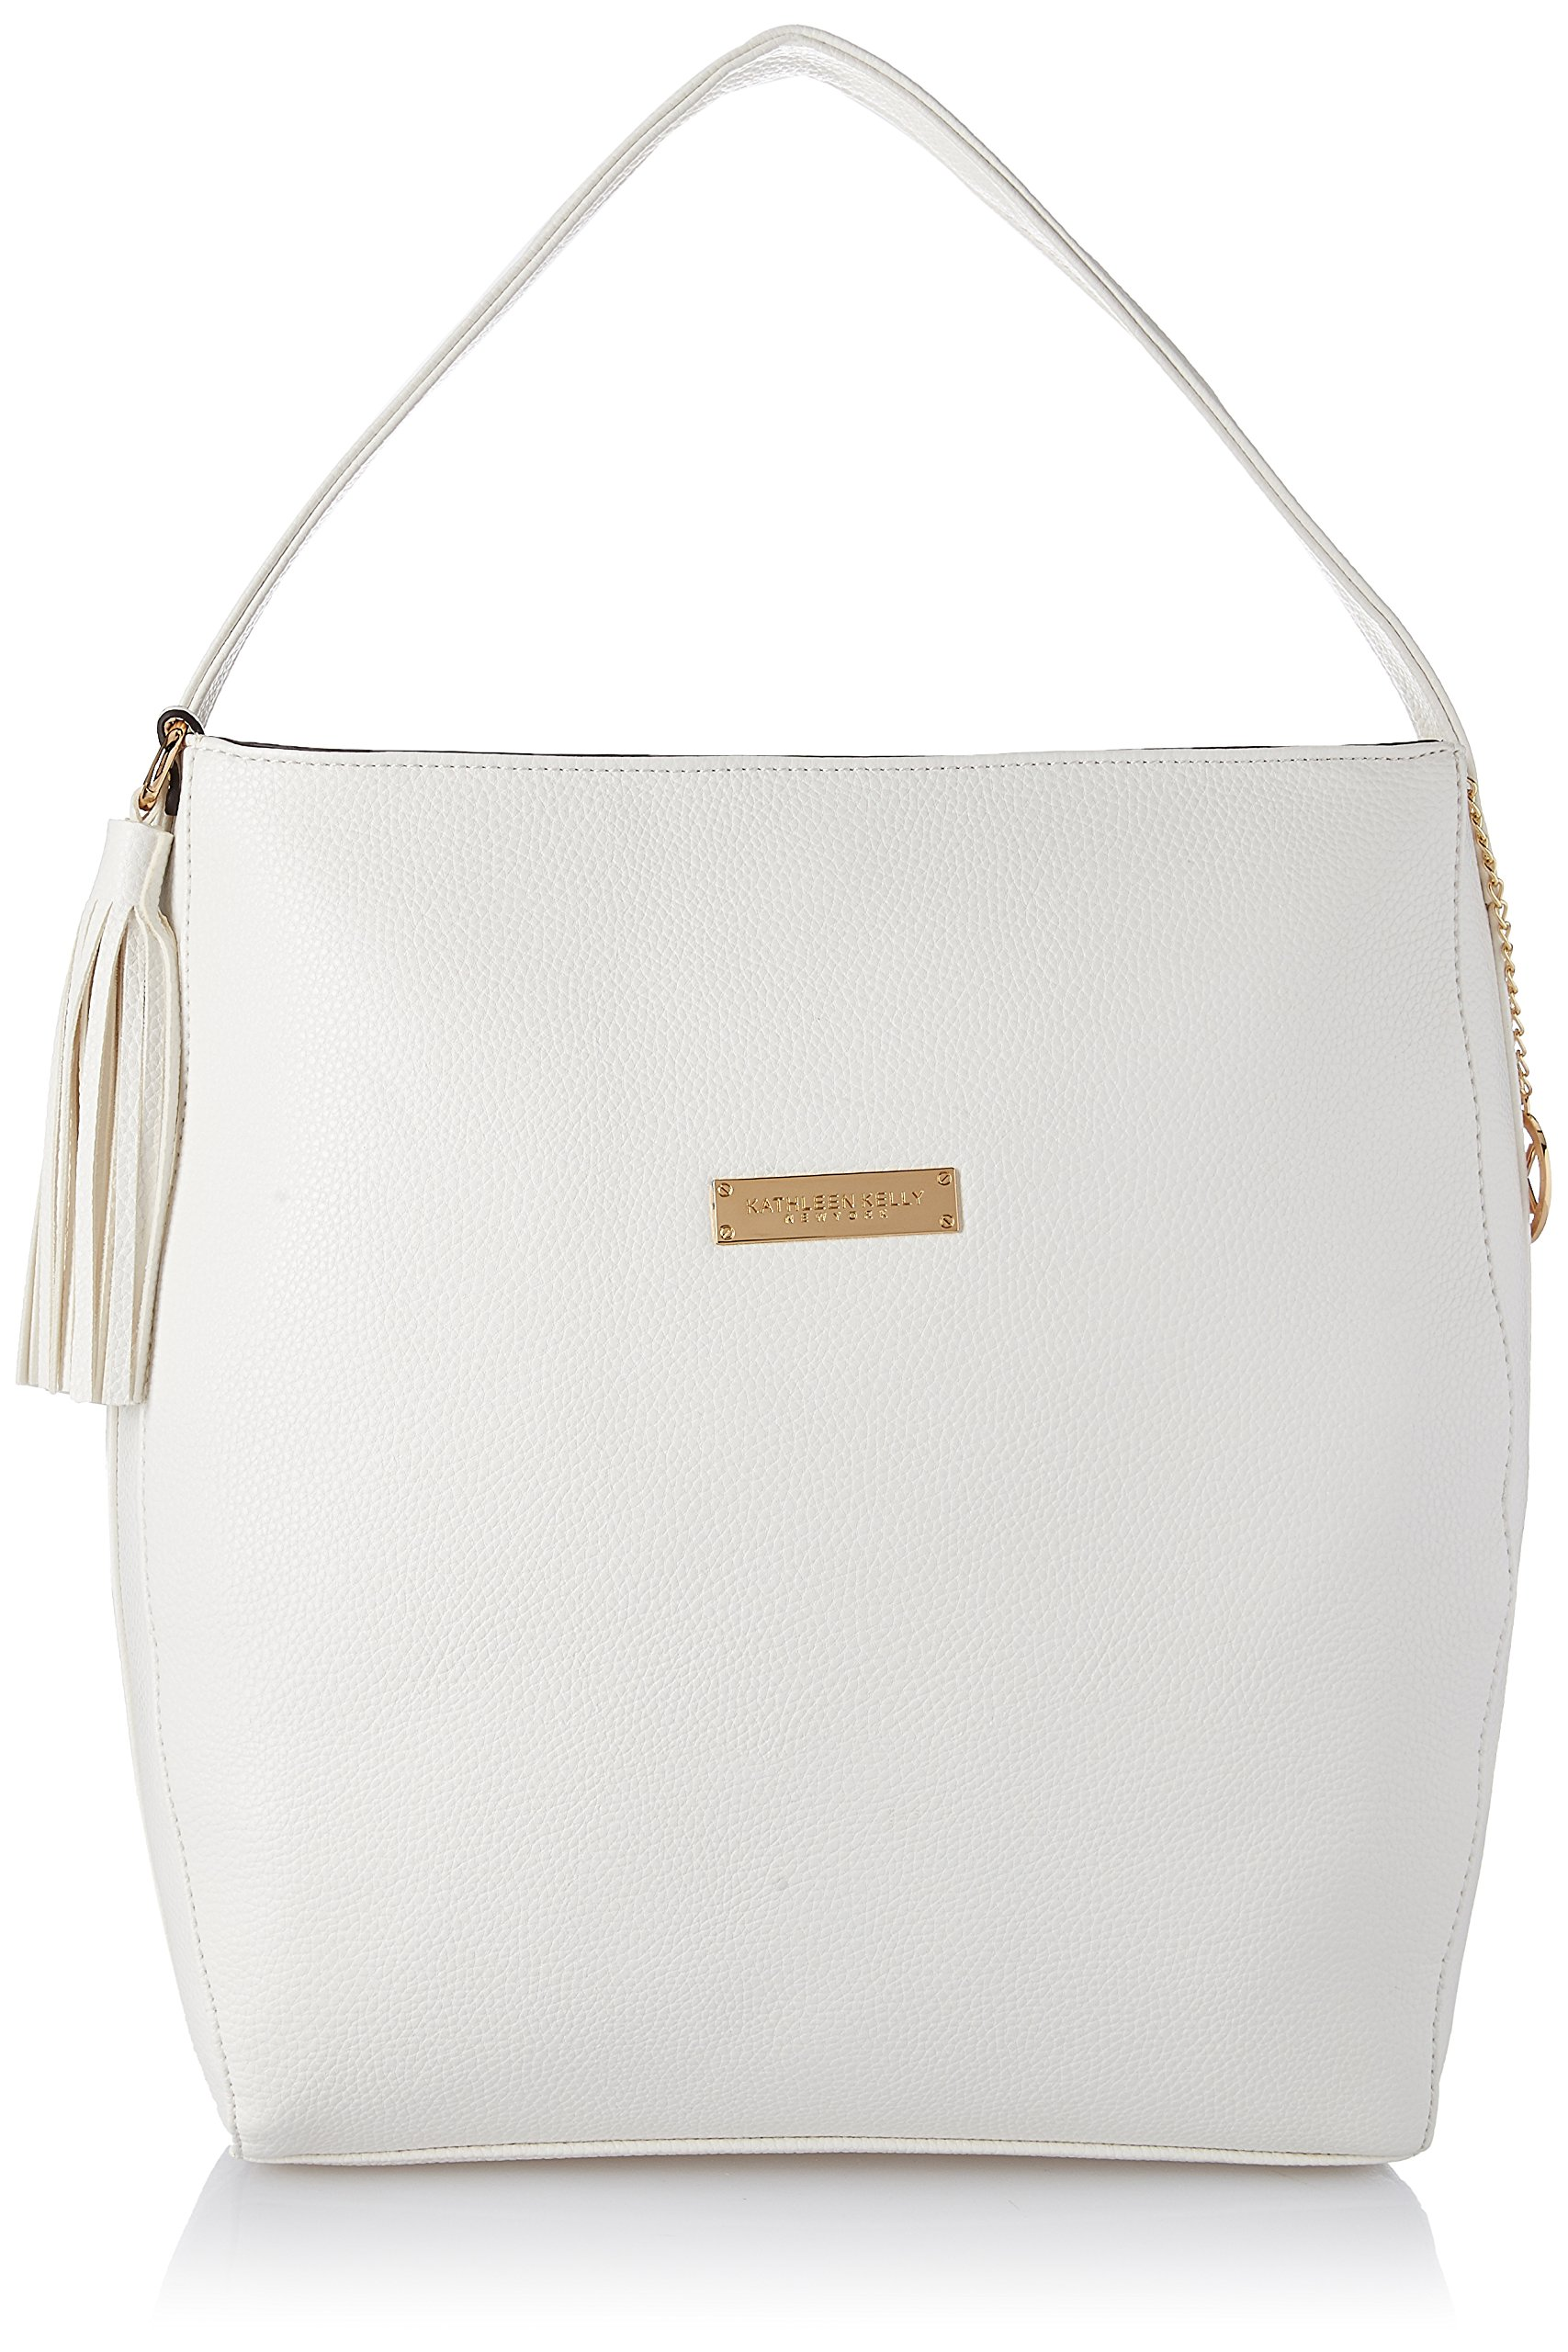 Kathleen Kelly NY Women's Handbag (Pearl White) (KK0014PW) product image